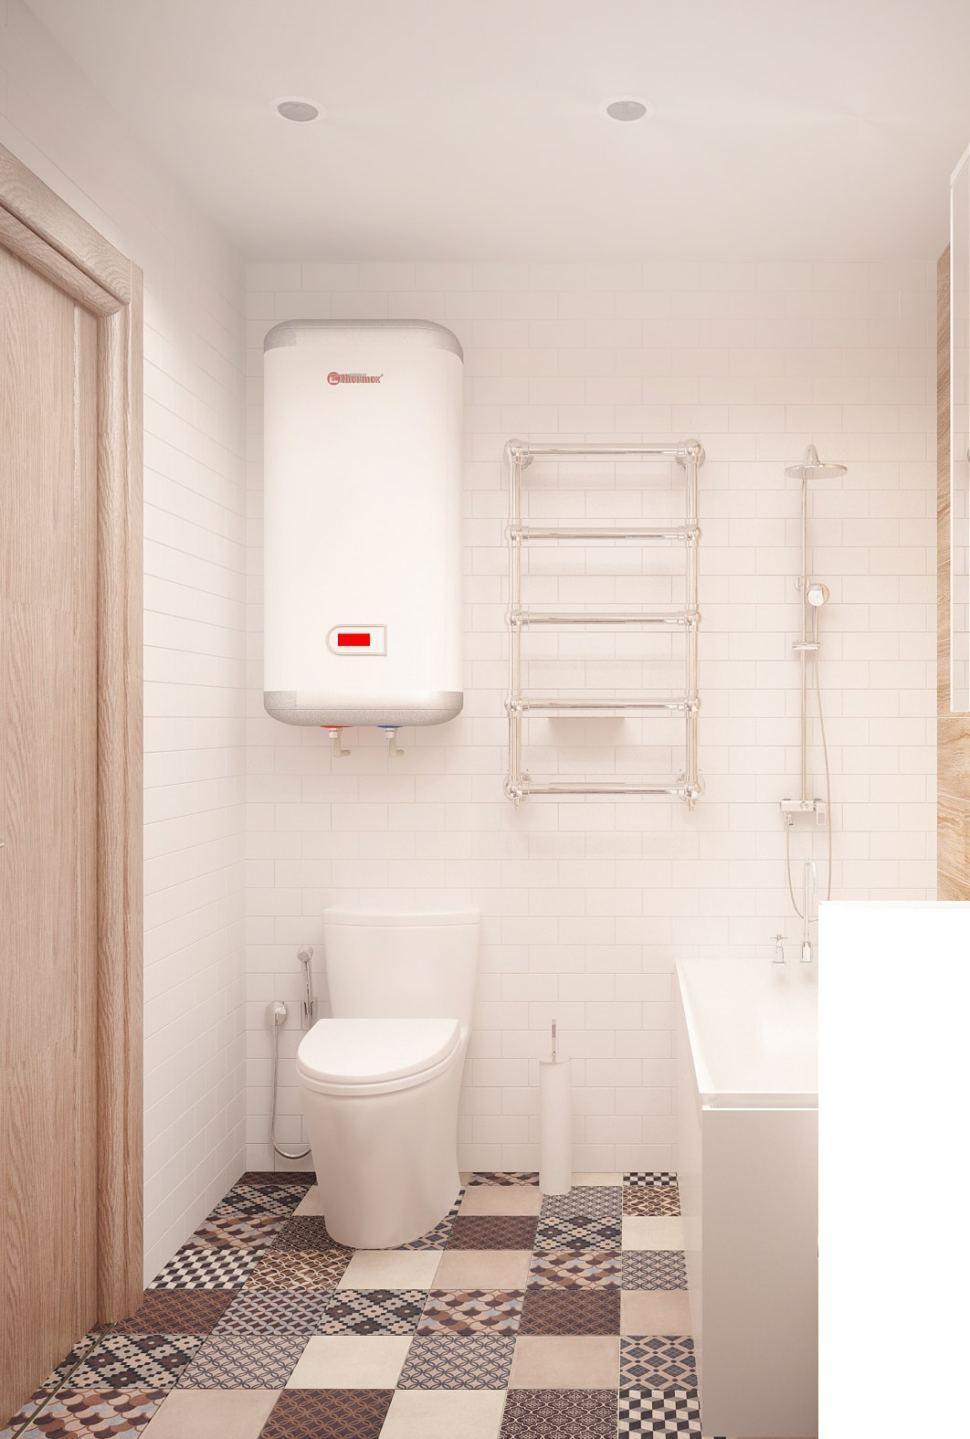 Дизайн-проект ванной комнаты 3 кв.м в бежевых оттенках, керамическая плитка, орнамент, полотенцесушитель, смеситель, стиральная машина, бойлер